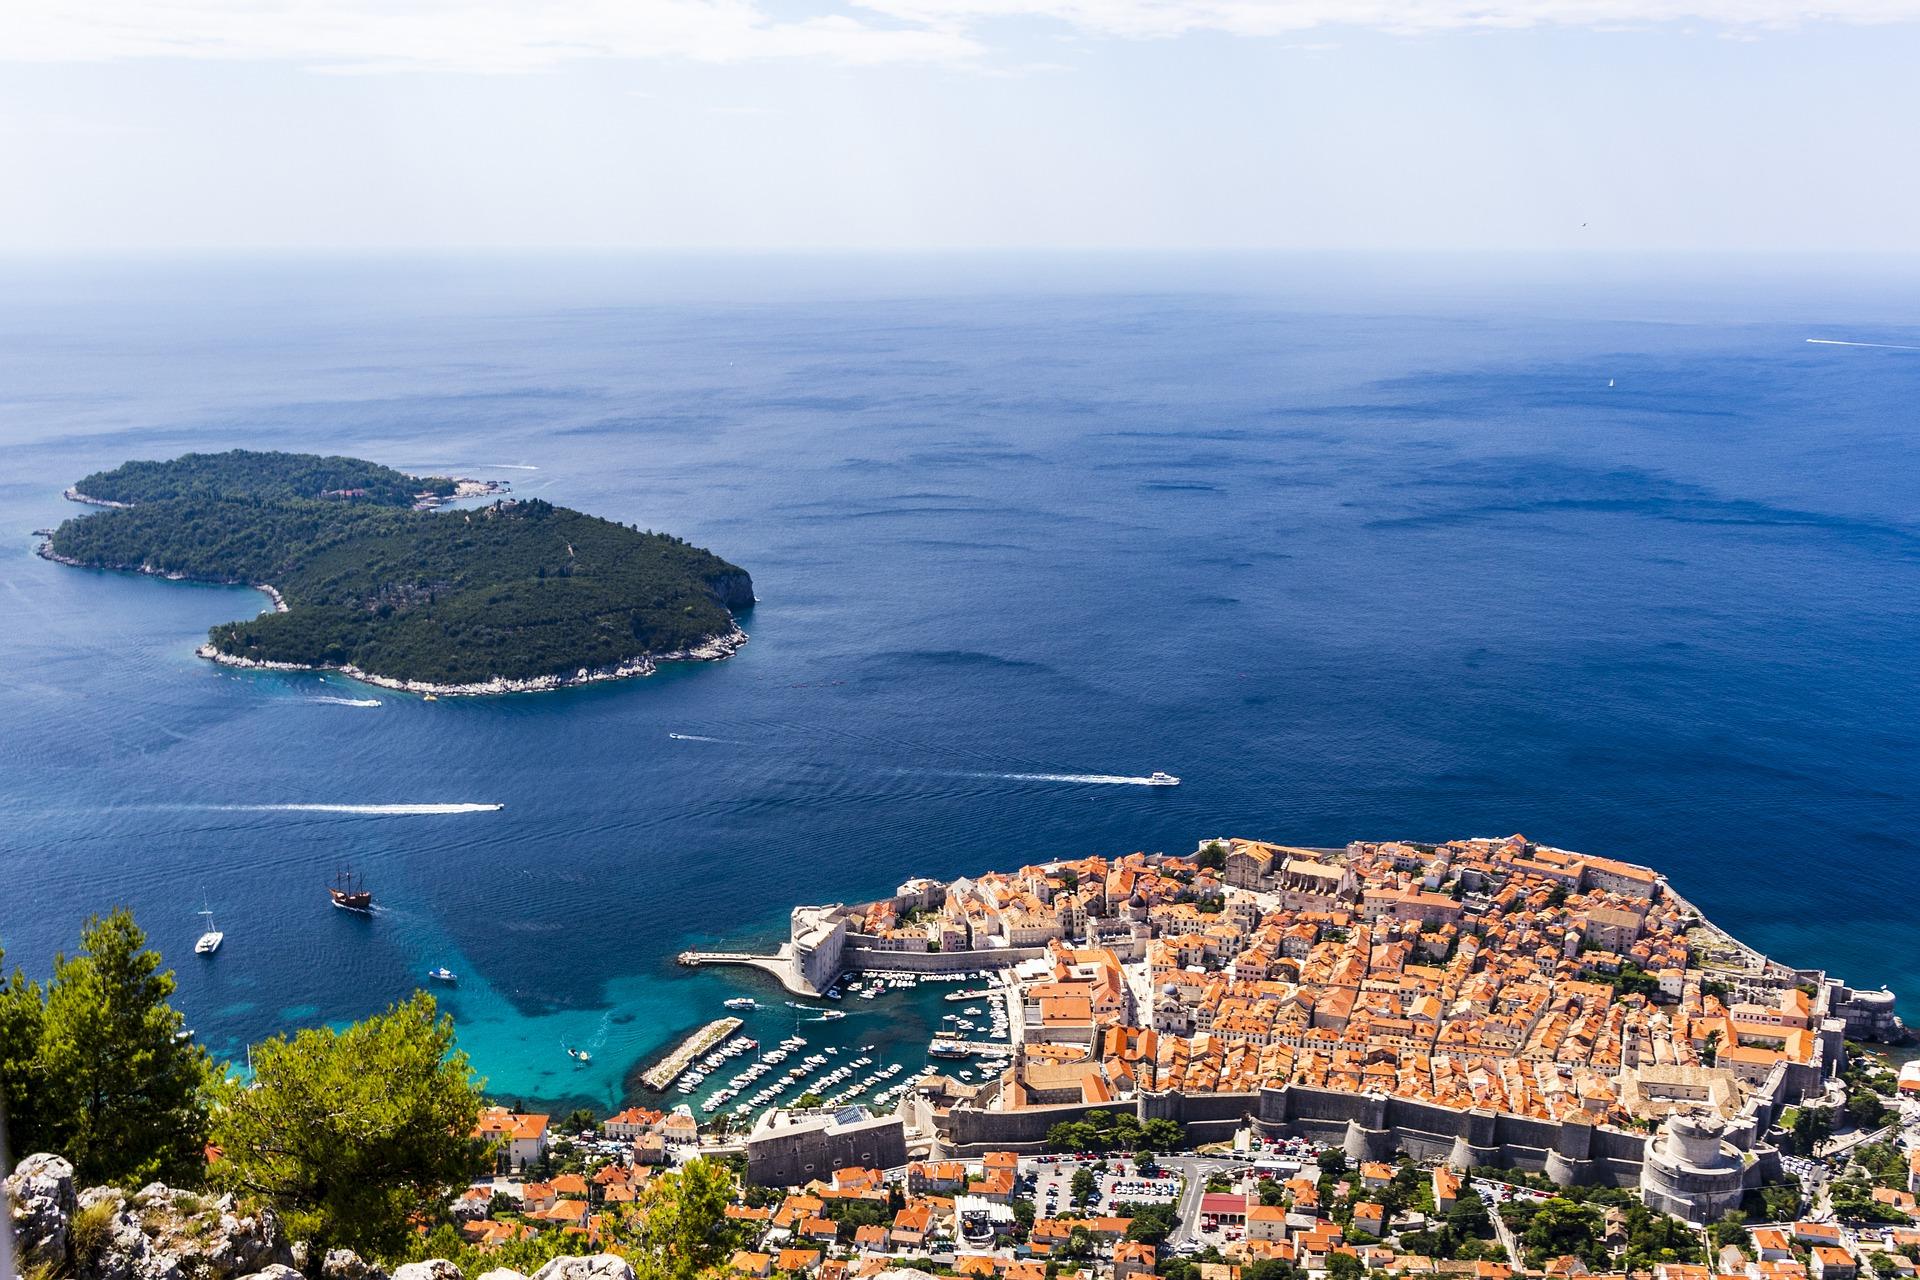 Сезон починається у квітні: скільки коштує відпочинок в Хорватії навесні